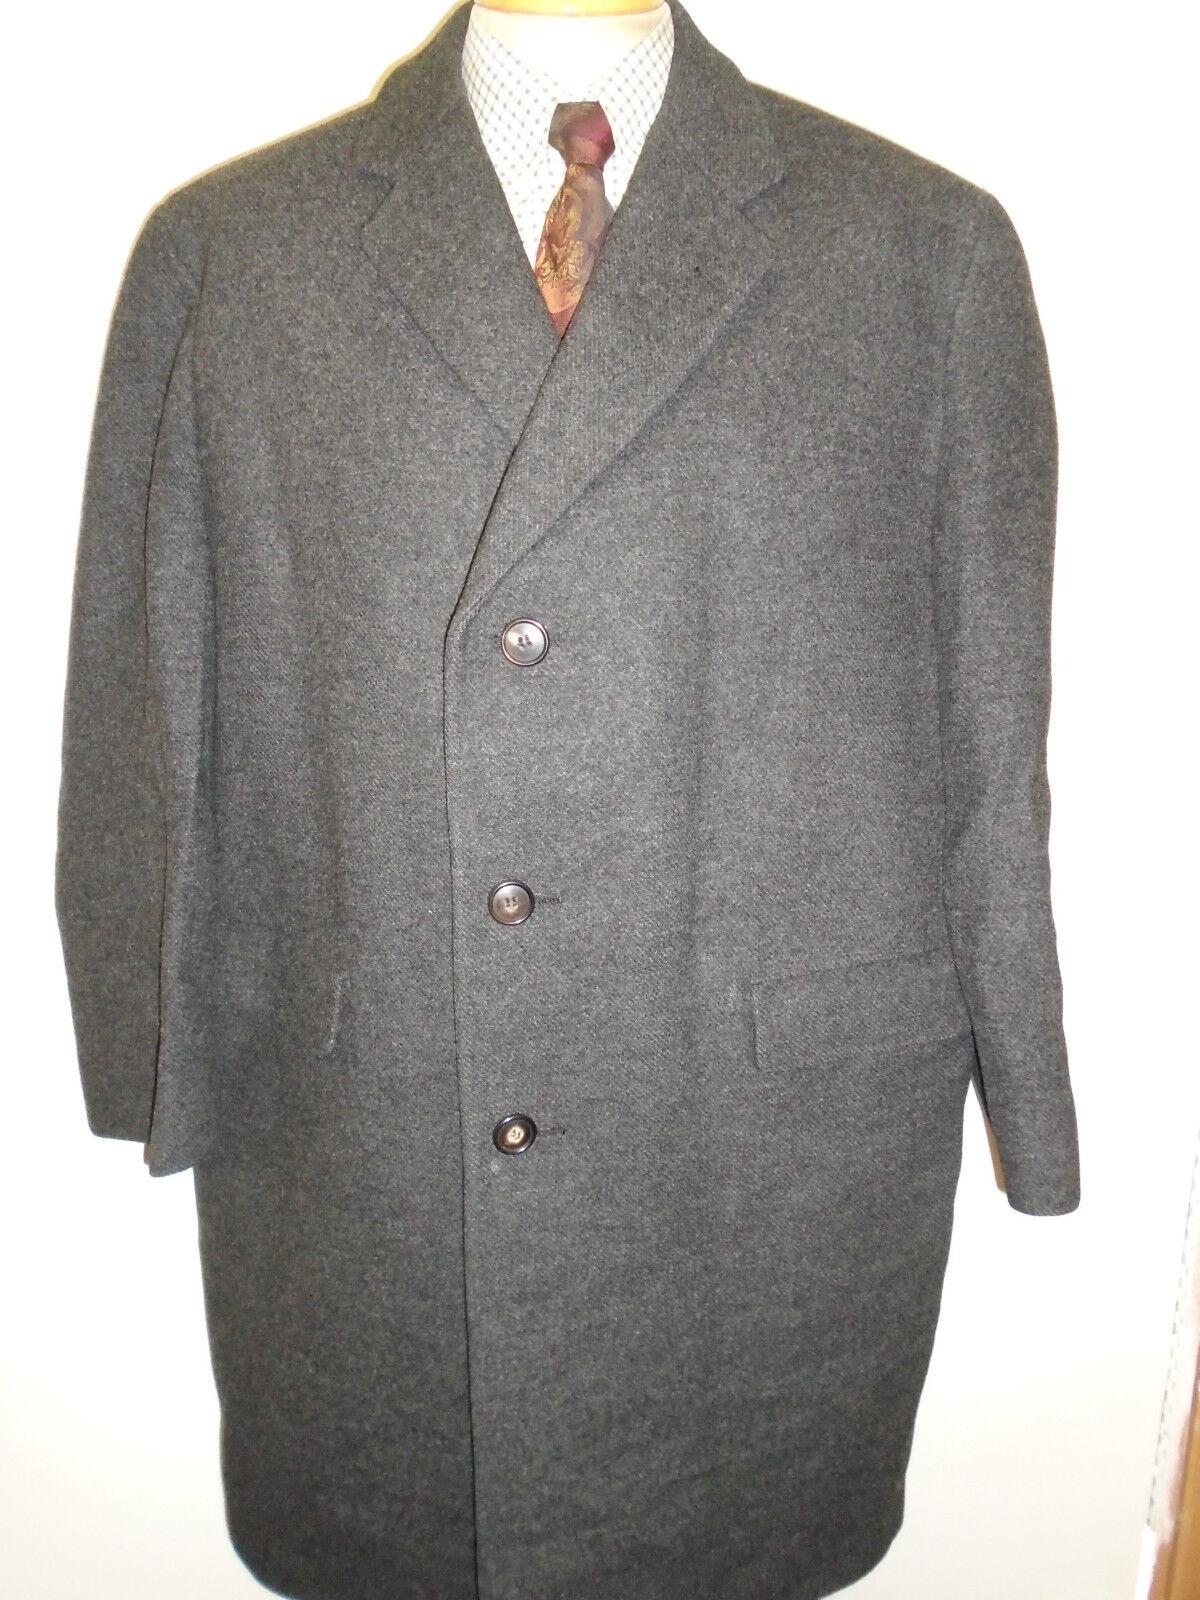 Genuine Vintage Crombie Wool Winter Winter Winter Coat Mac Größe 46  Euro 56 R - Charcoal grau | Die Königin Der Qualität  bf1a6e